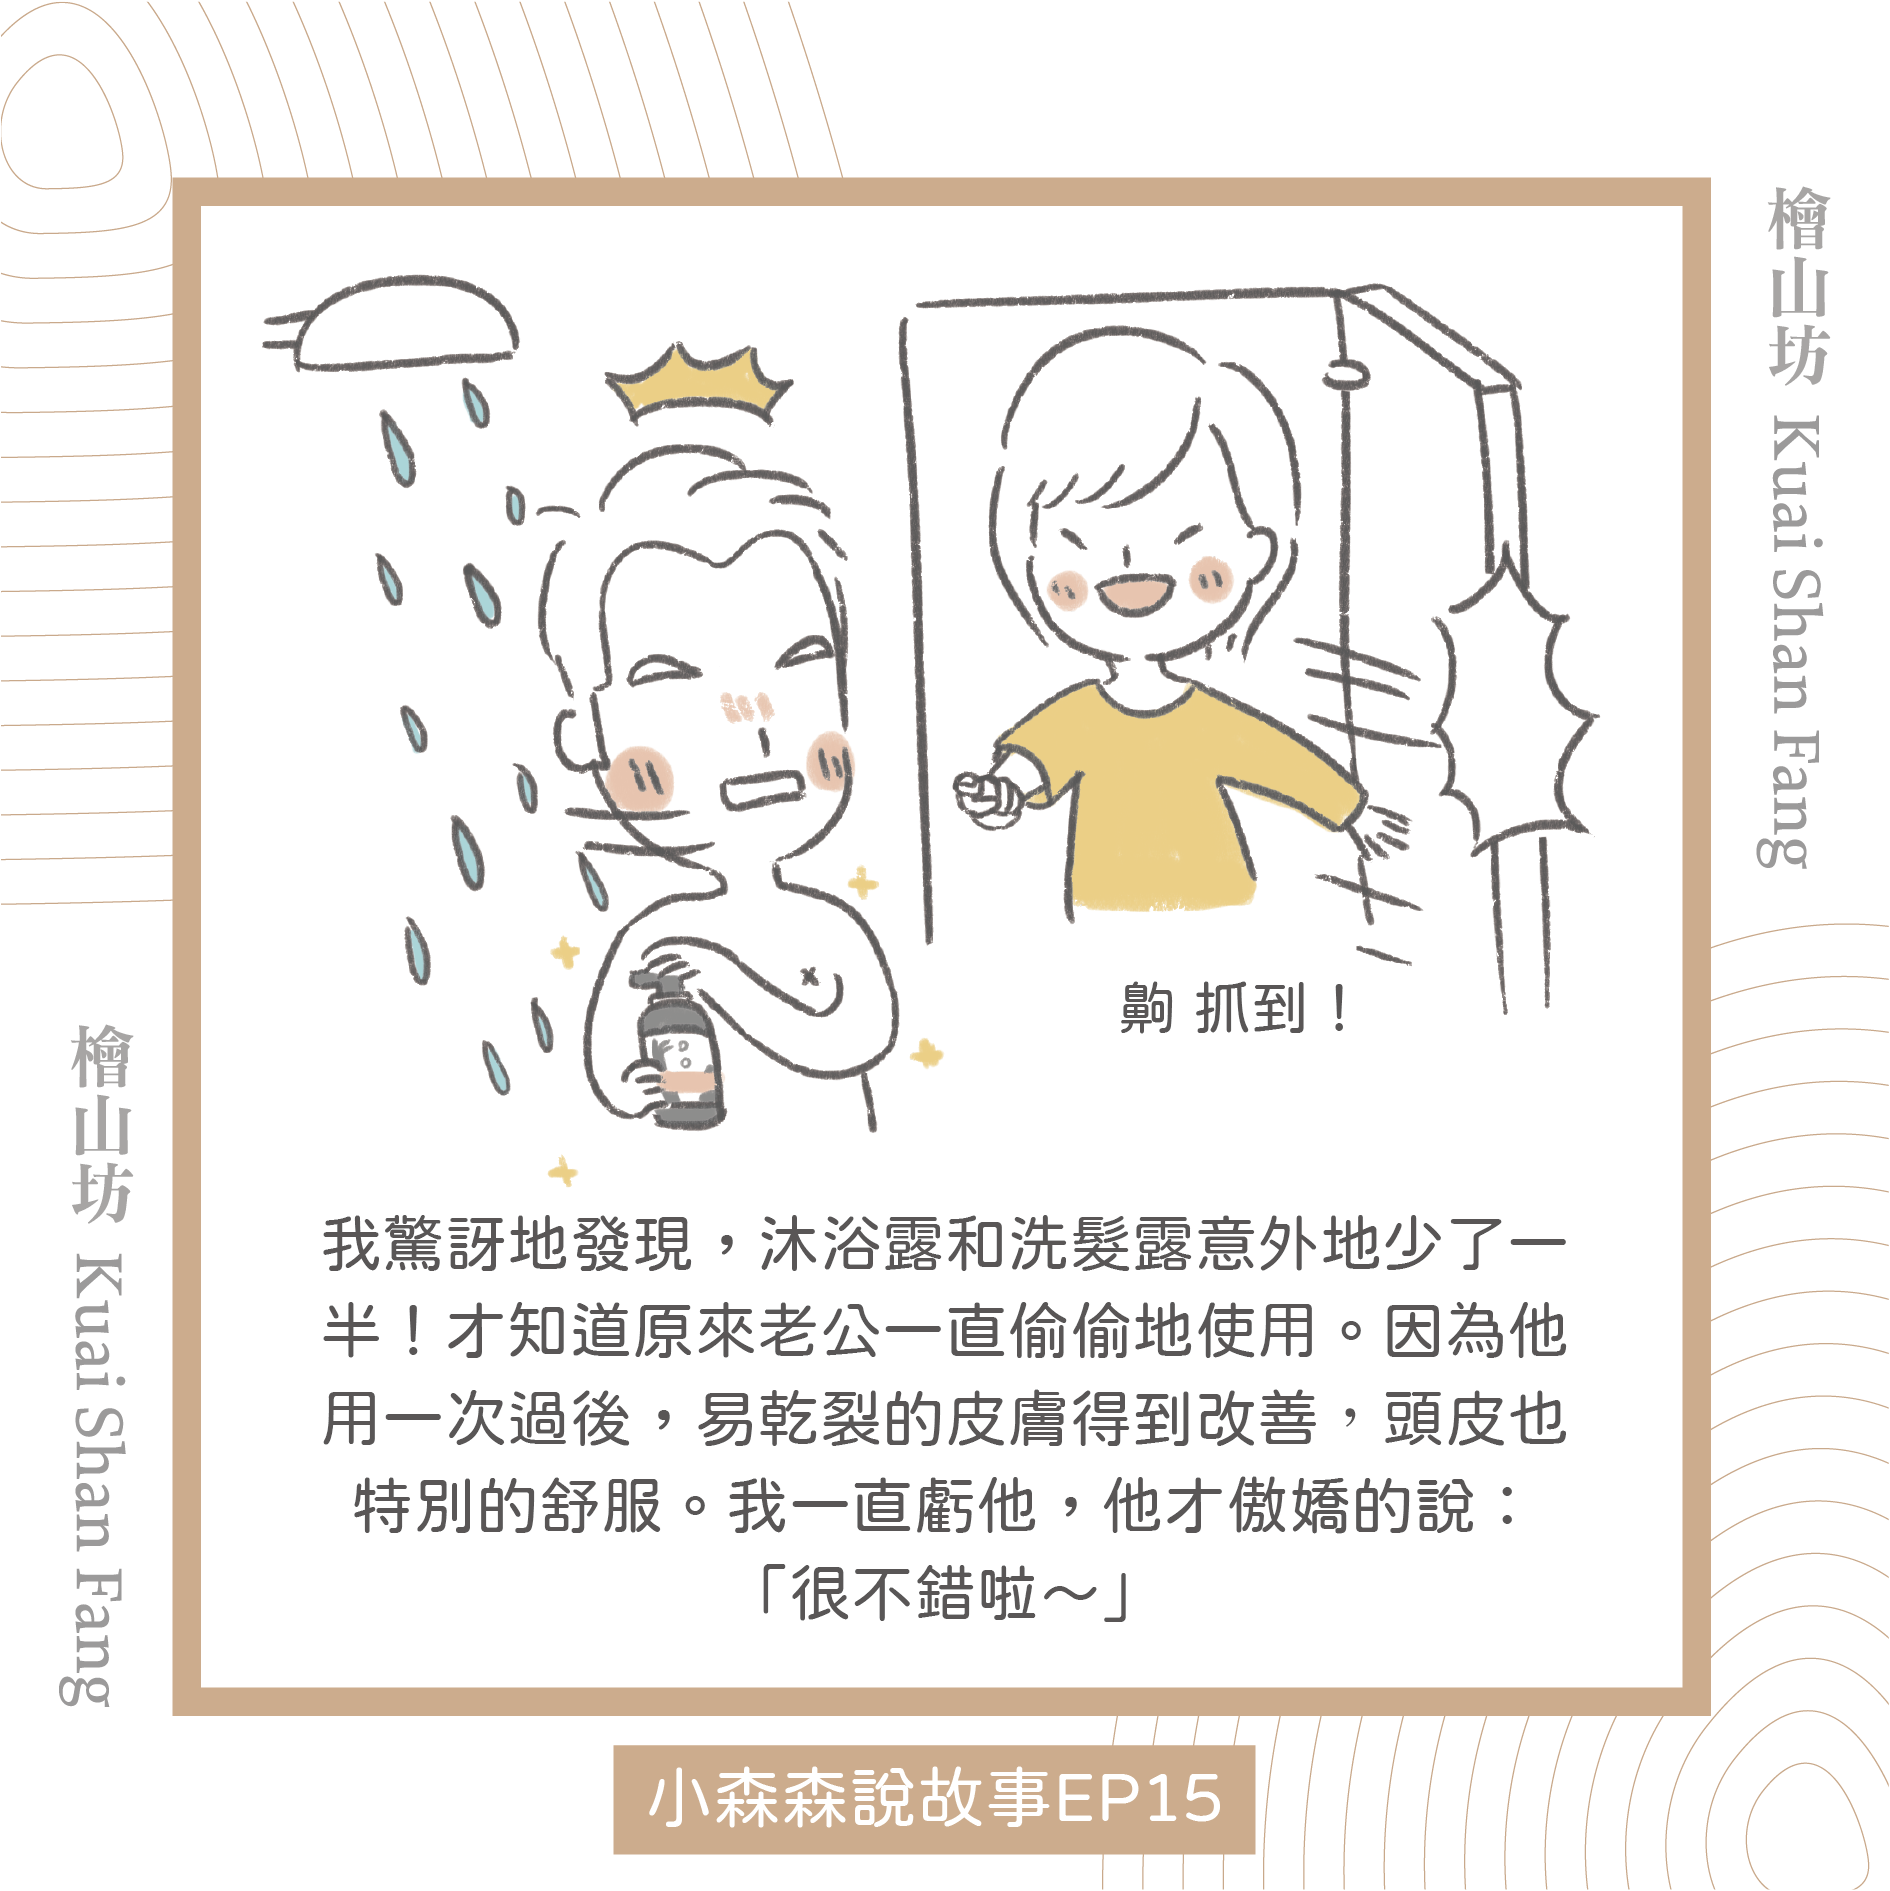 |小森森說故事 EP15|櫃姐陳小姐的分享:你們的沐浴乳偷走了我丈夫的心